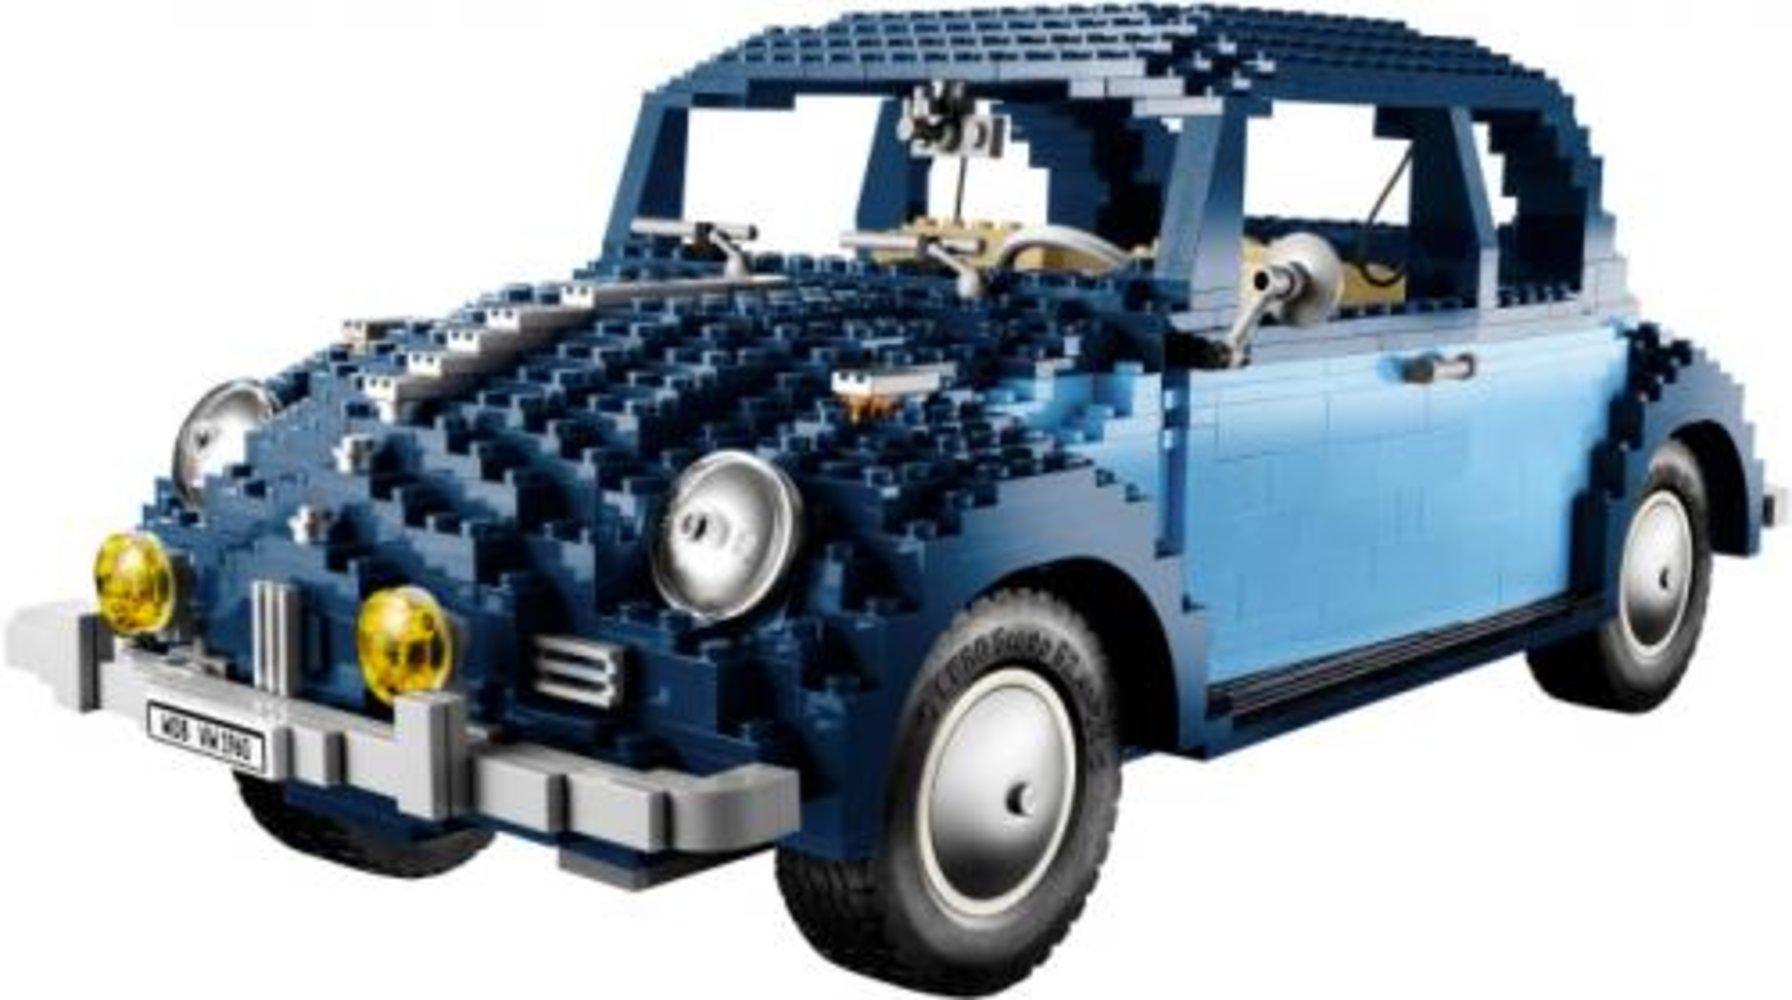 Volkswagen Beetle (VW Beetle)